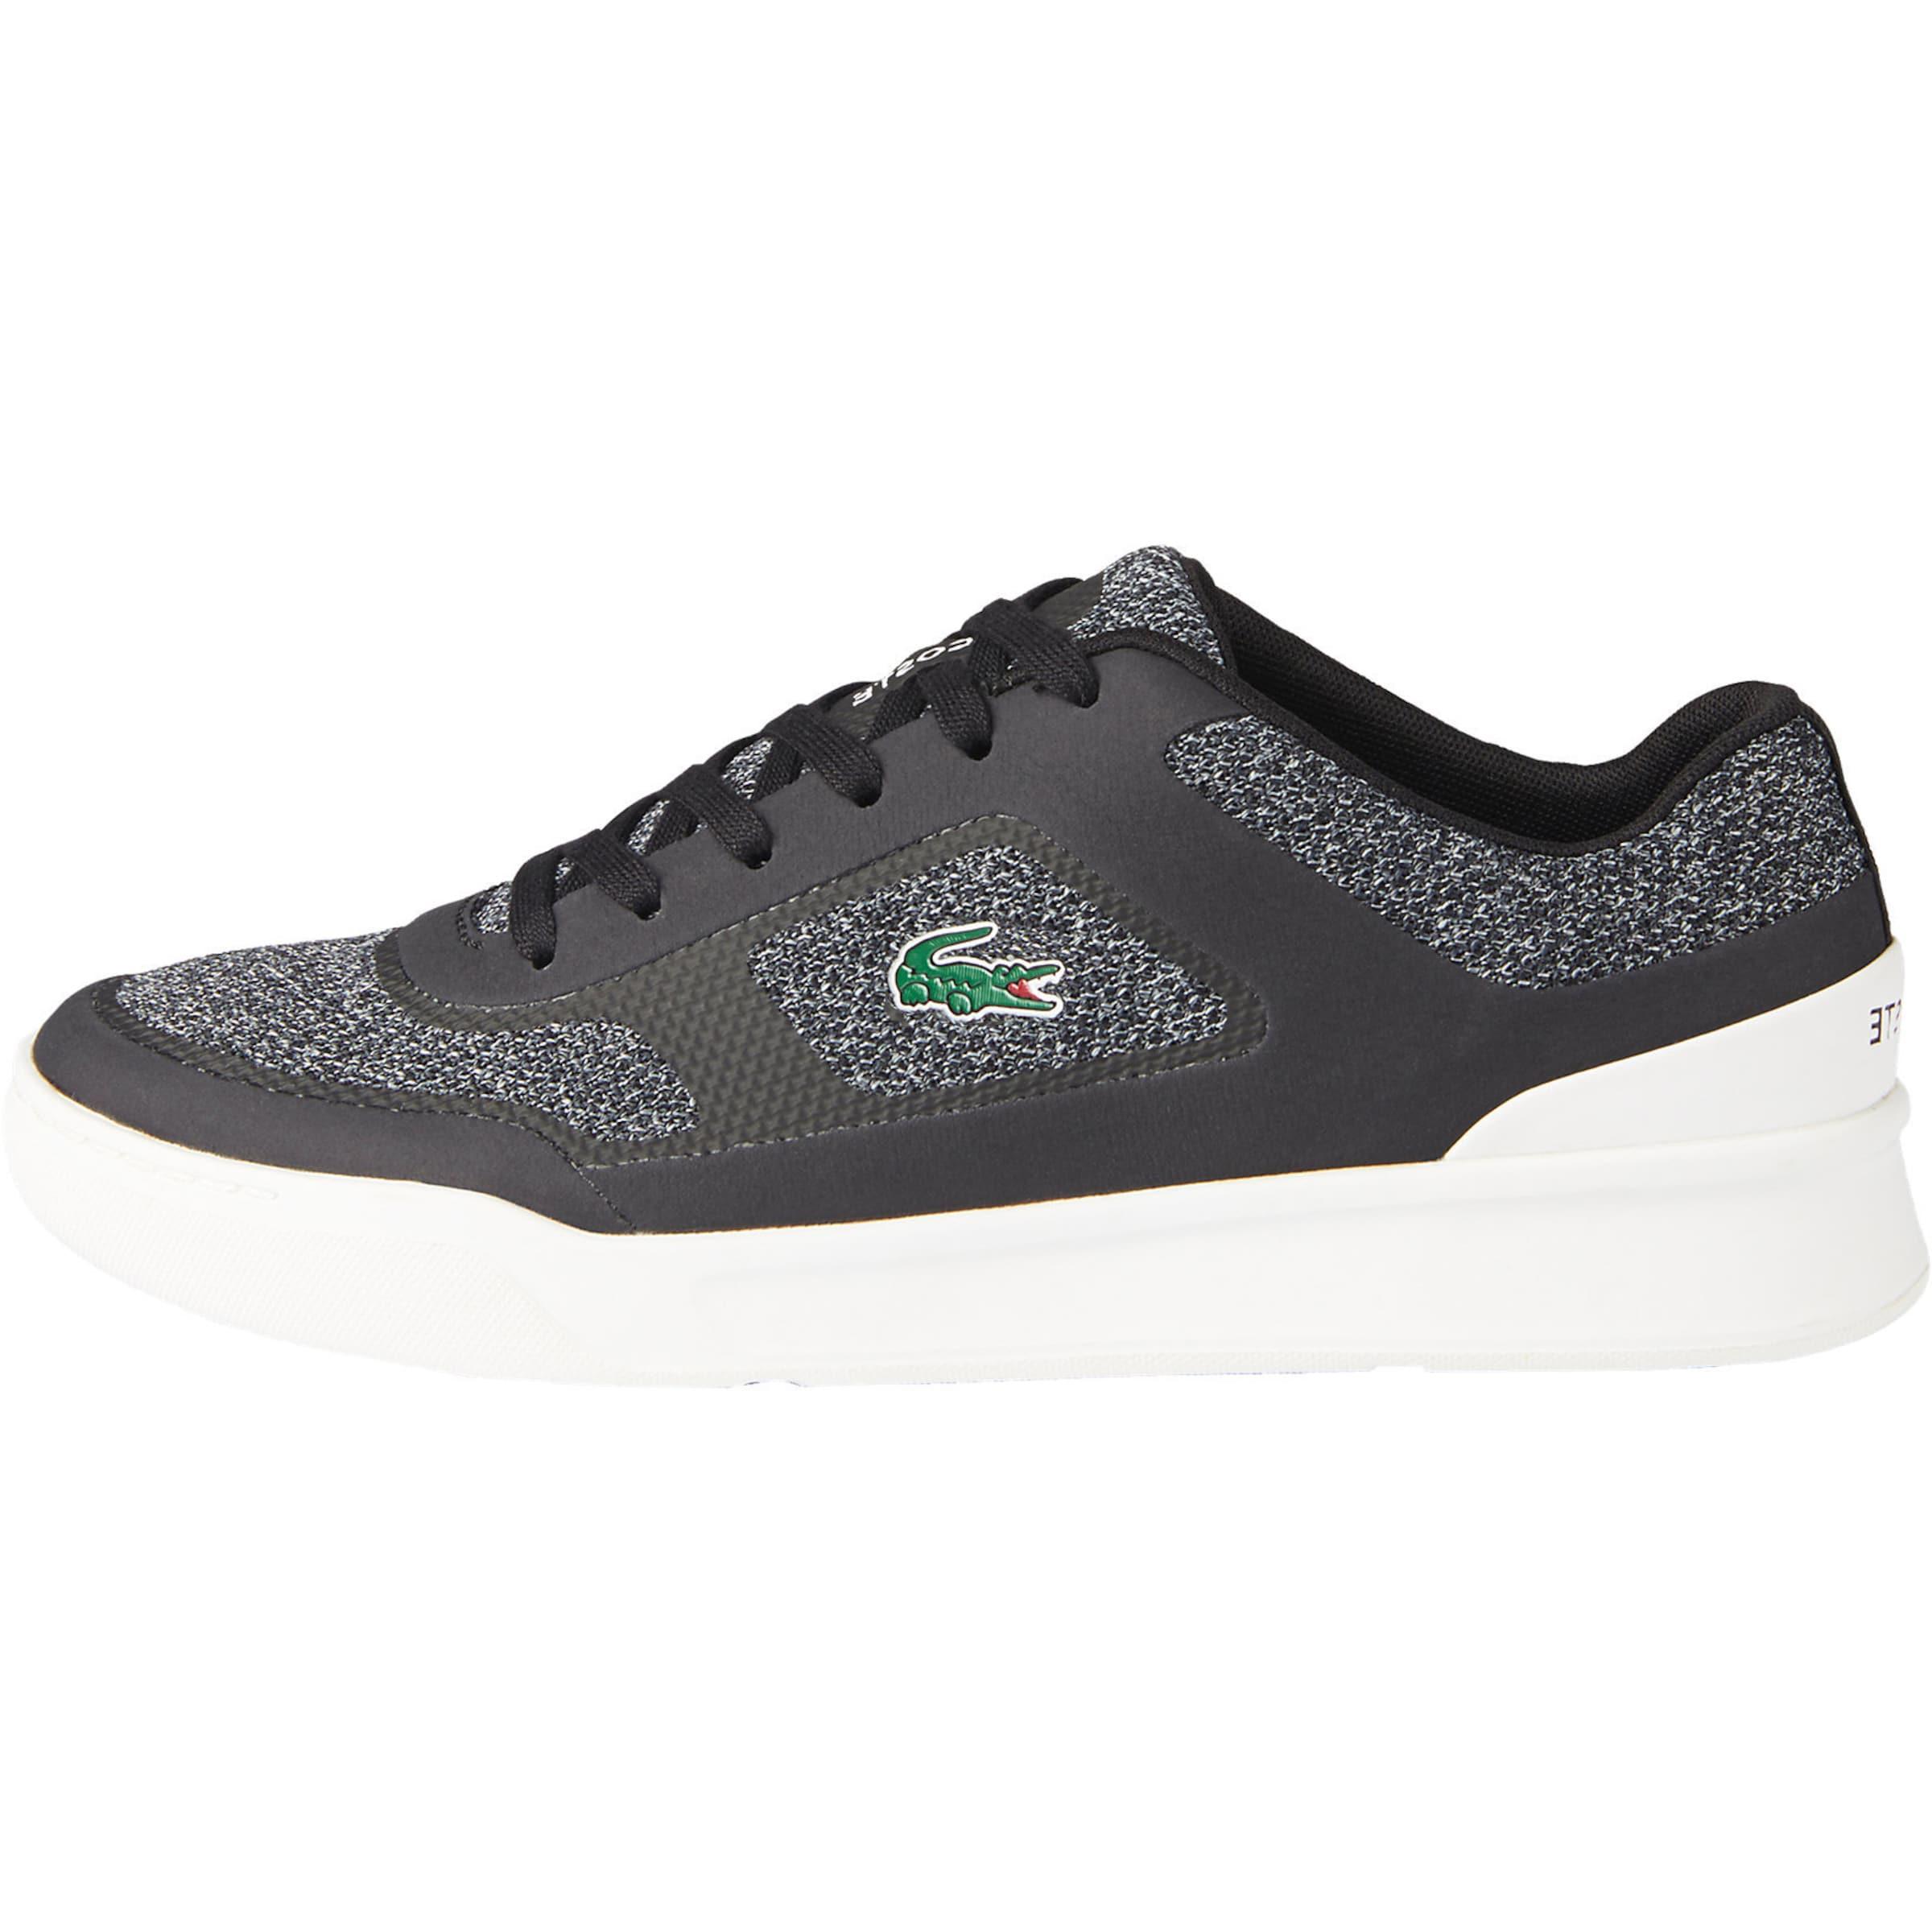 LACOSTE Explorateur Sport Sneakers Verschleißfeste billige Schuhe